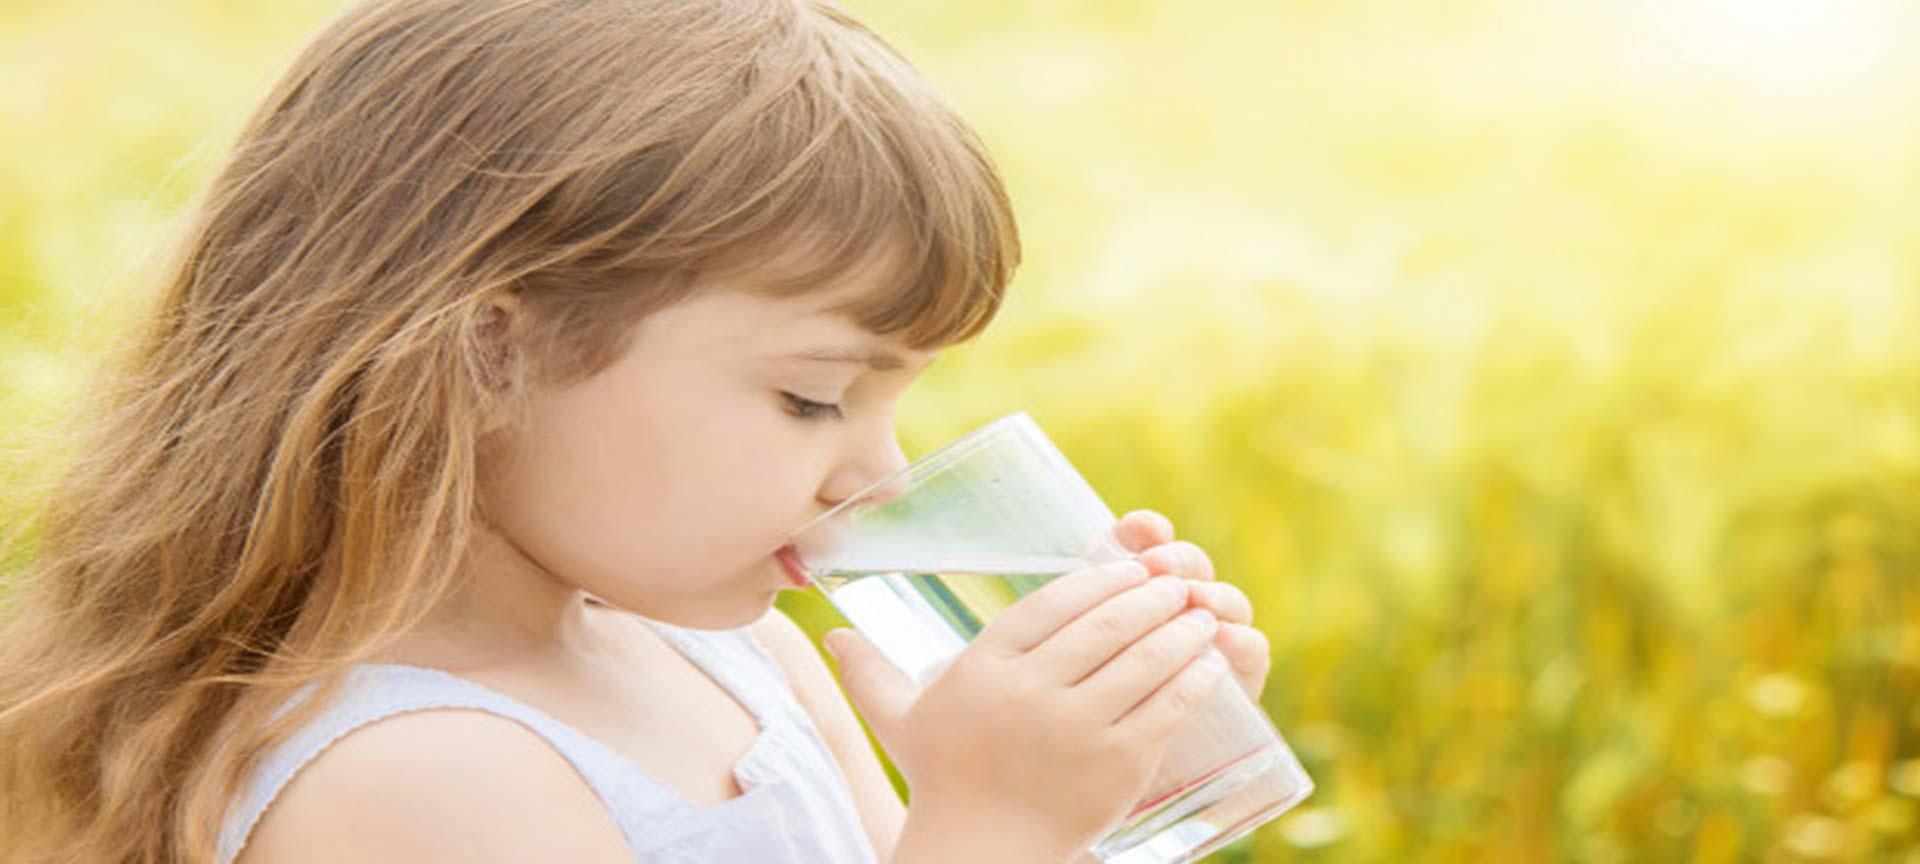 آزمون های خاص آب و فاضلاب